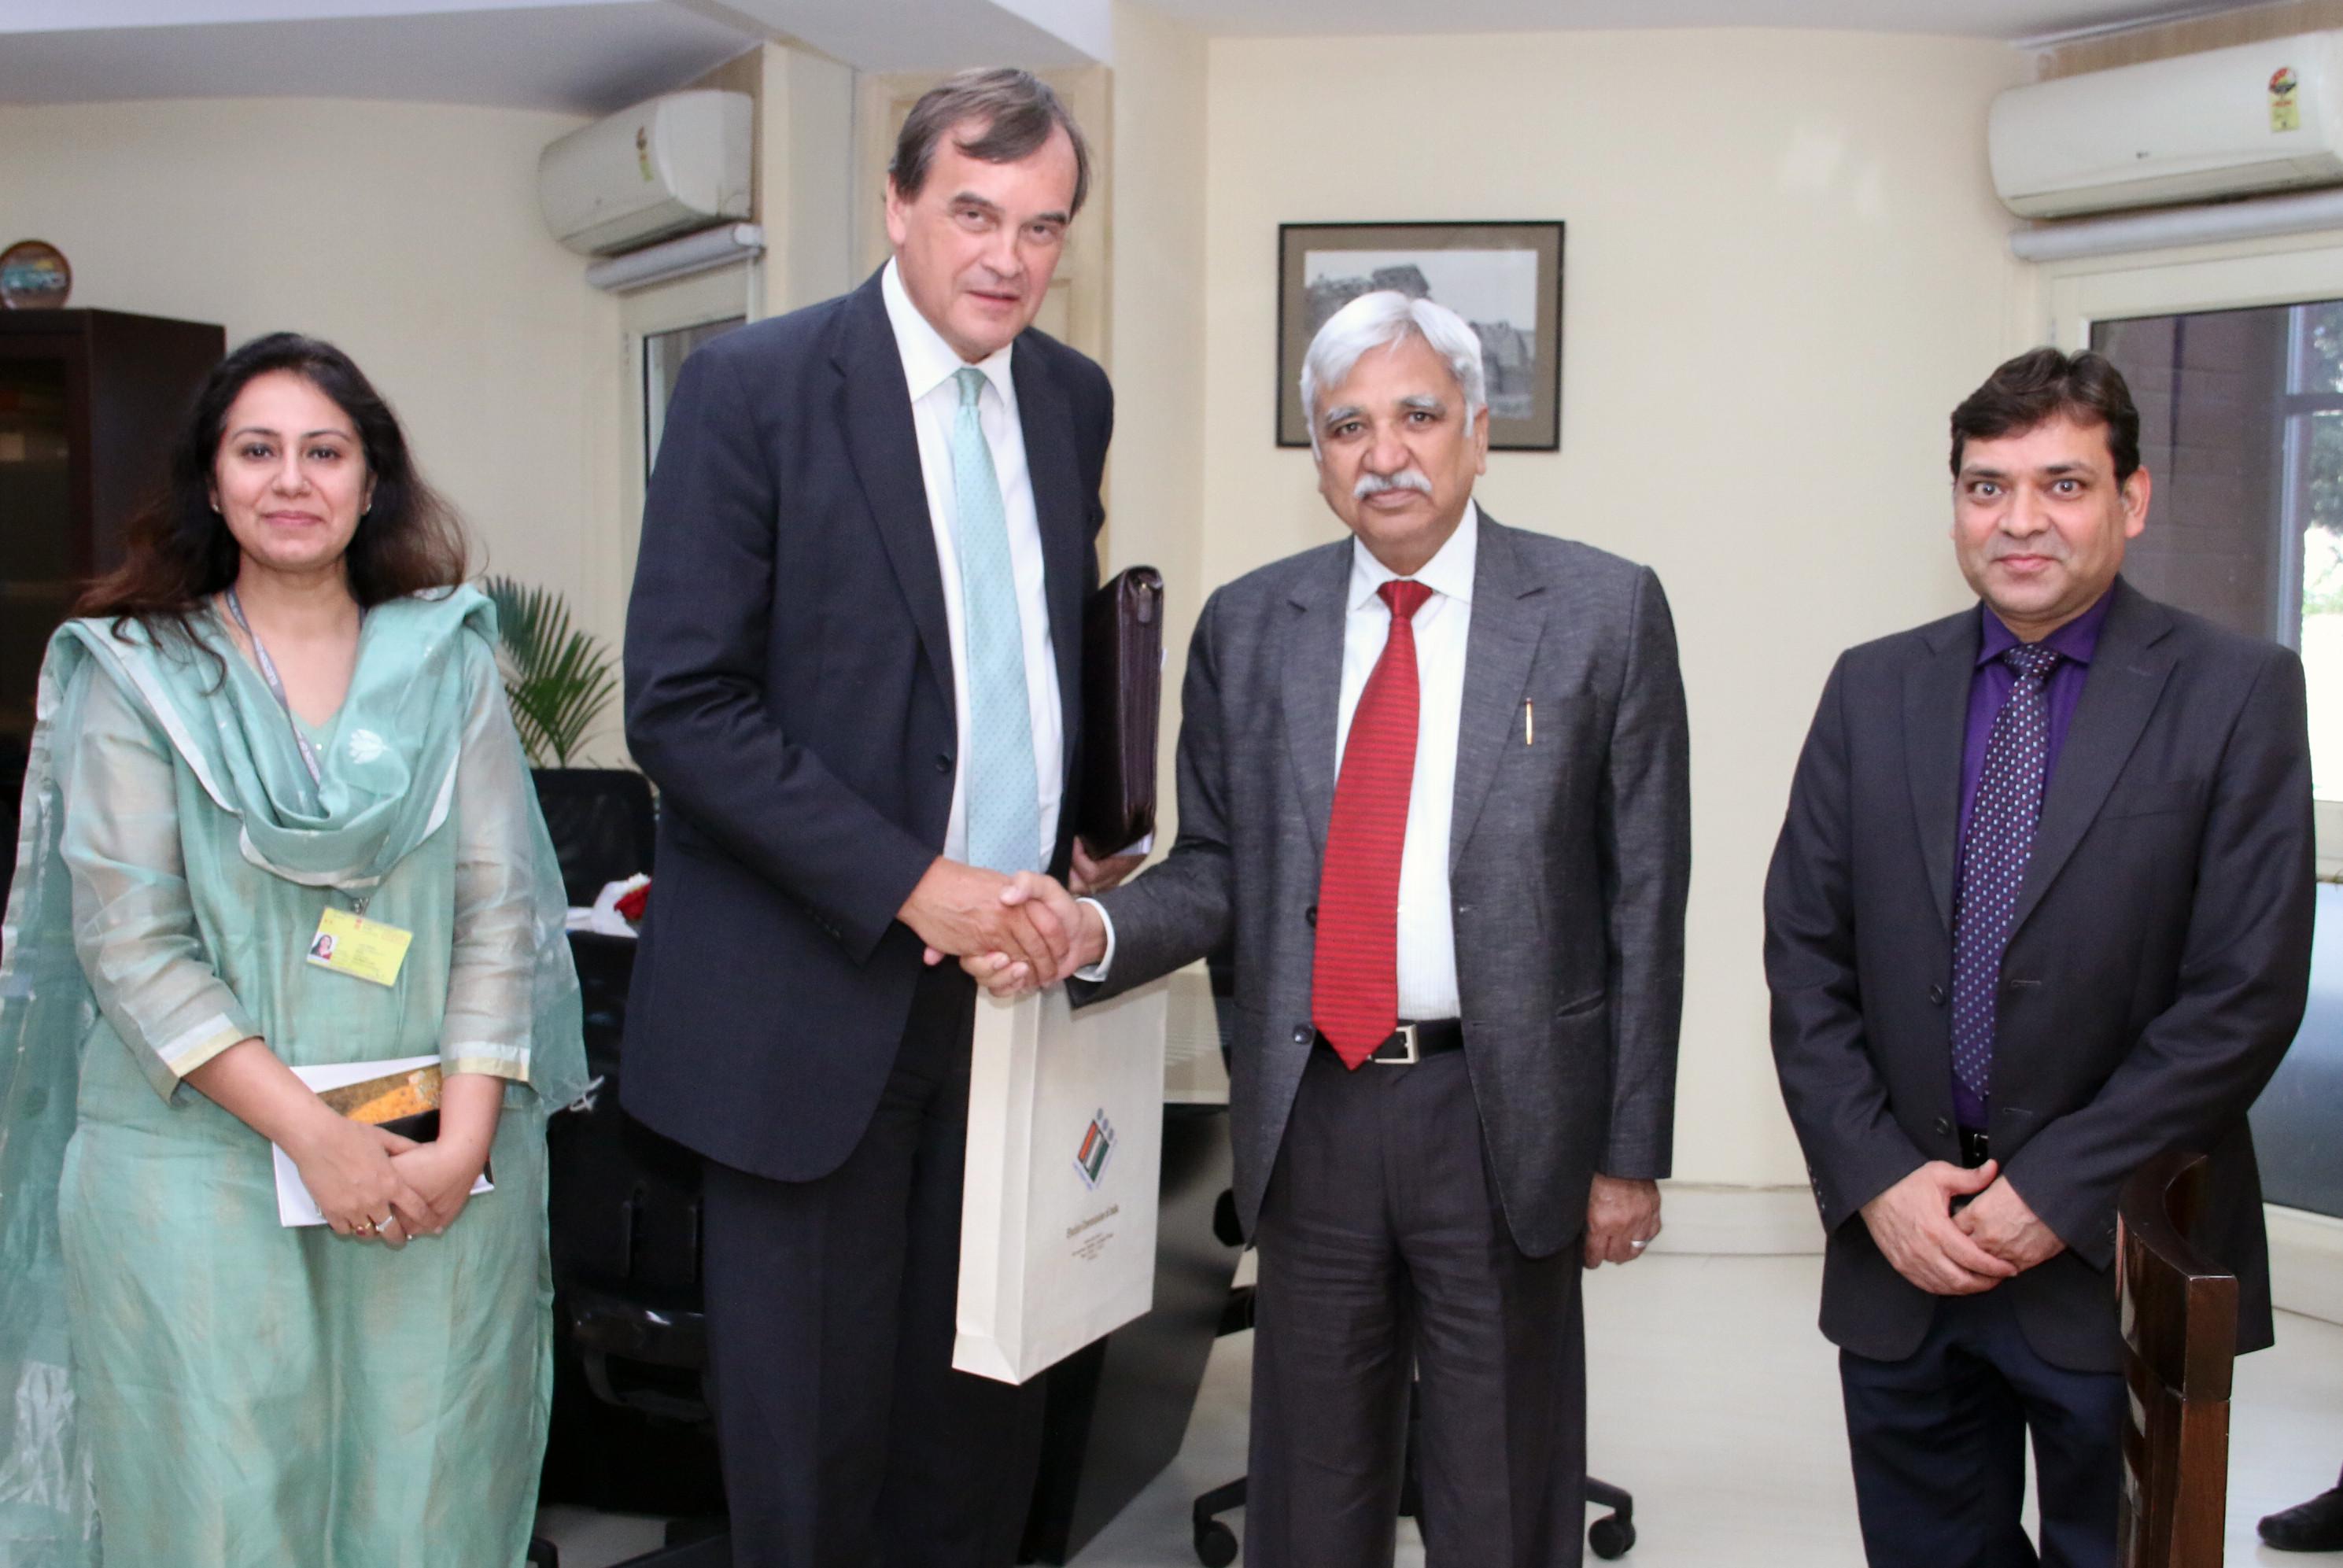 भारत में ब्रिटिश उच्चायुक्त, सर डोमिनिक अस्क्विथ ने 28 मार्च, 2019 को भारत के मुख्य निर्वाचन आयुक्त, श्री सुनील अरोड़ा से मुलाकात की।